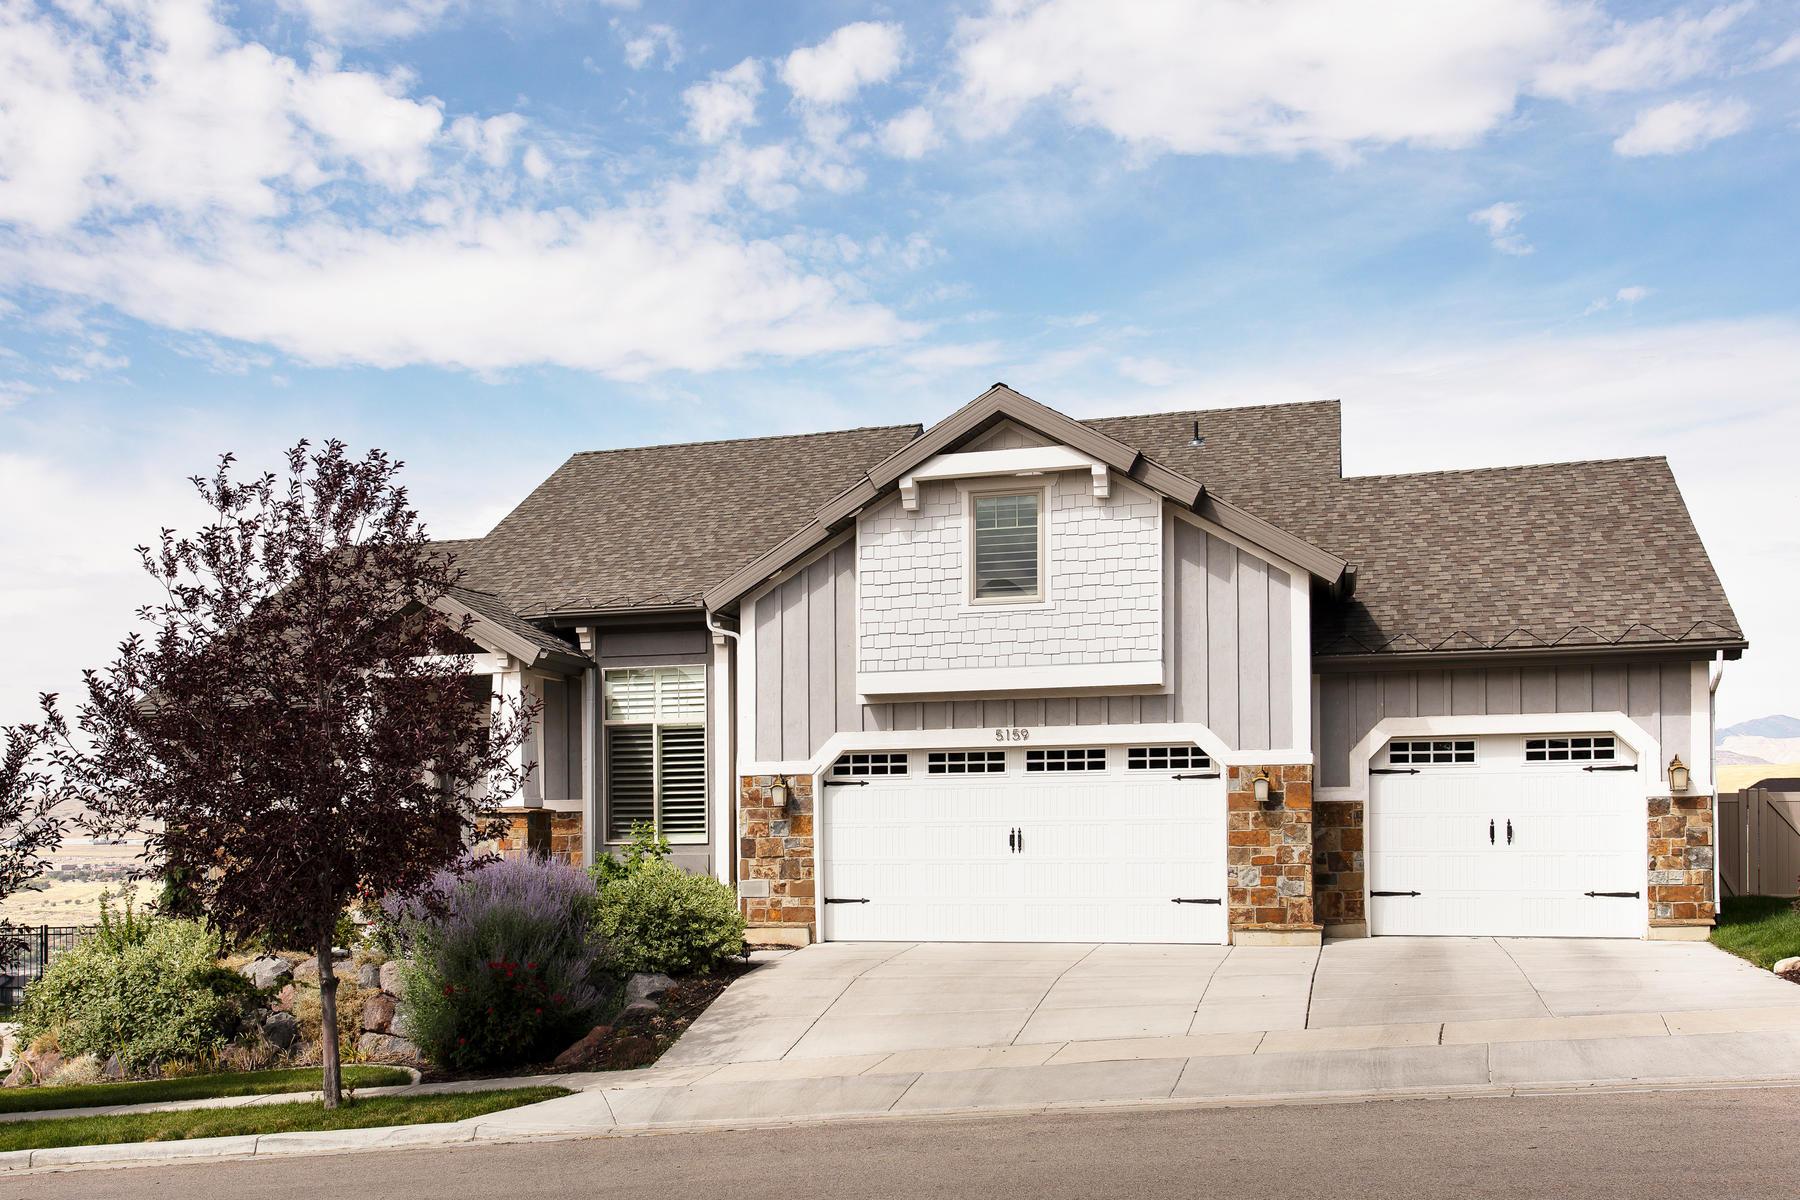 Single Family Homes için Satış at Million Dollar Panoramic Views 5159 N Ravencrest Ln, Lehi, Utah 84043 Amerika Birleşik Devletleri